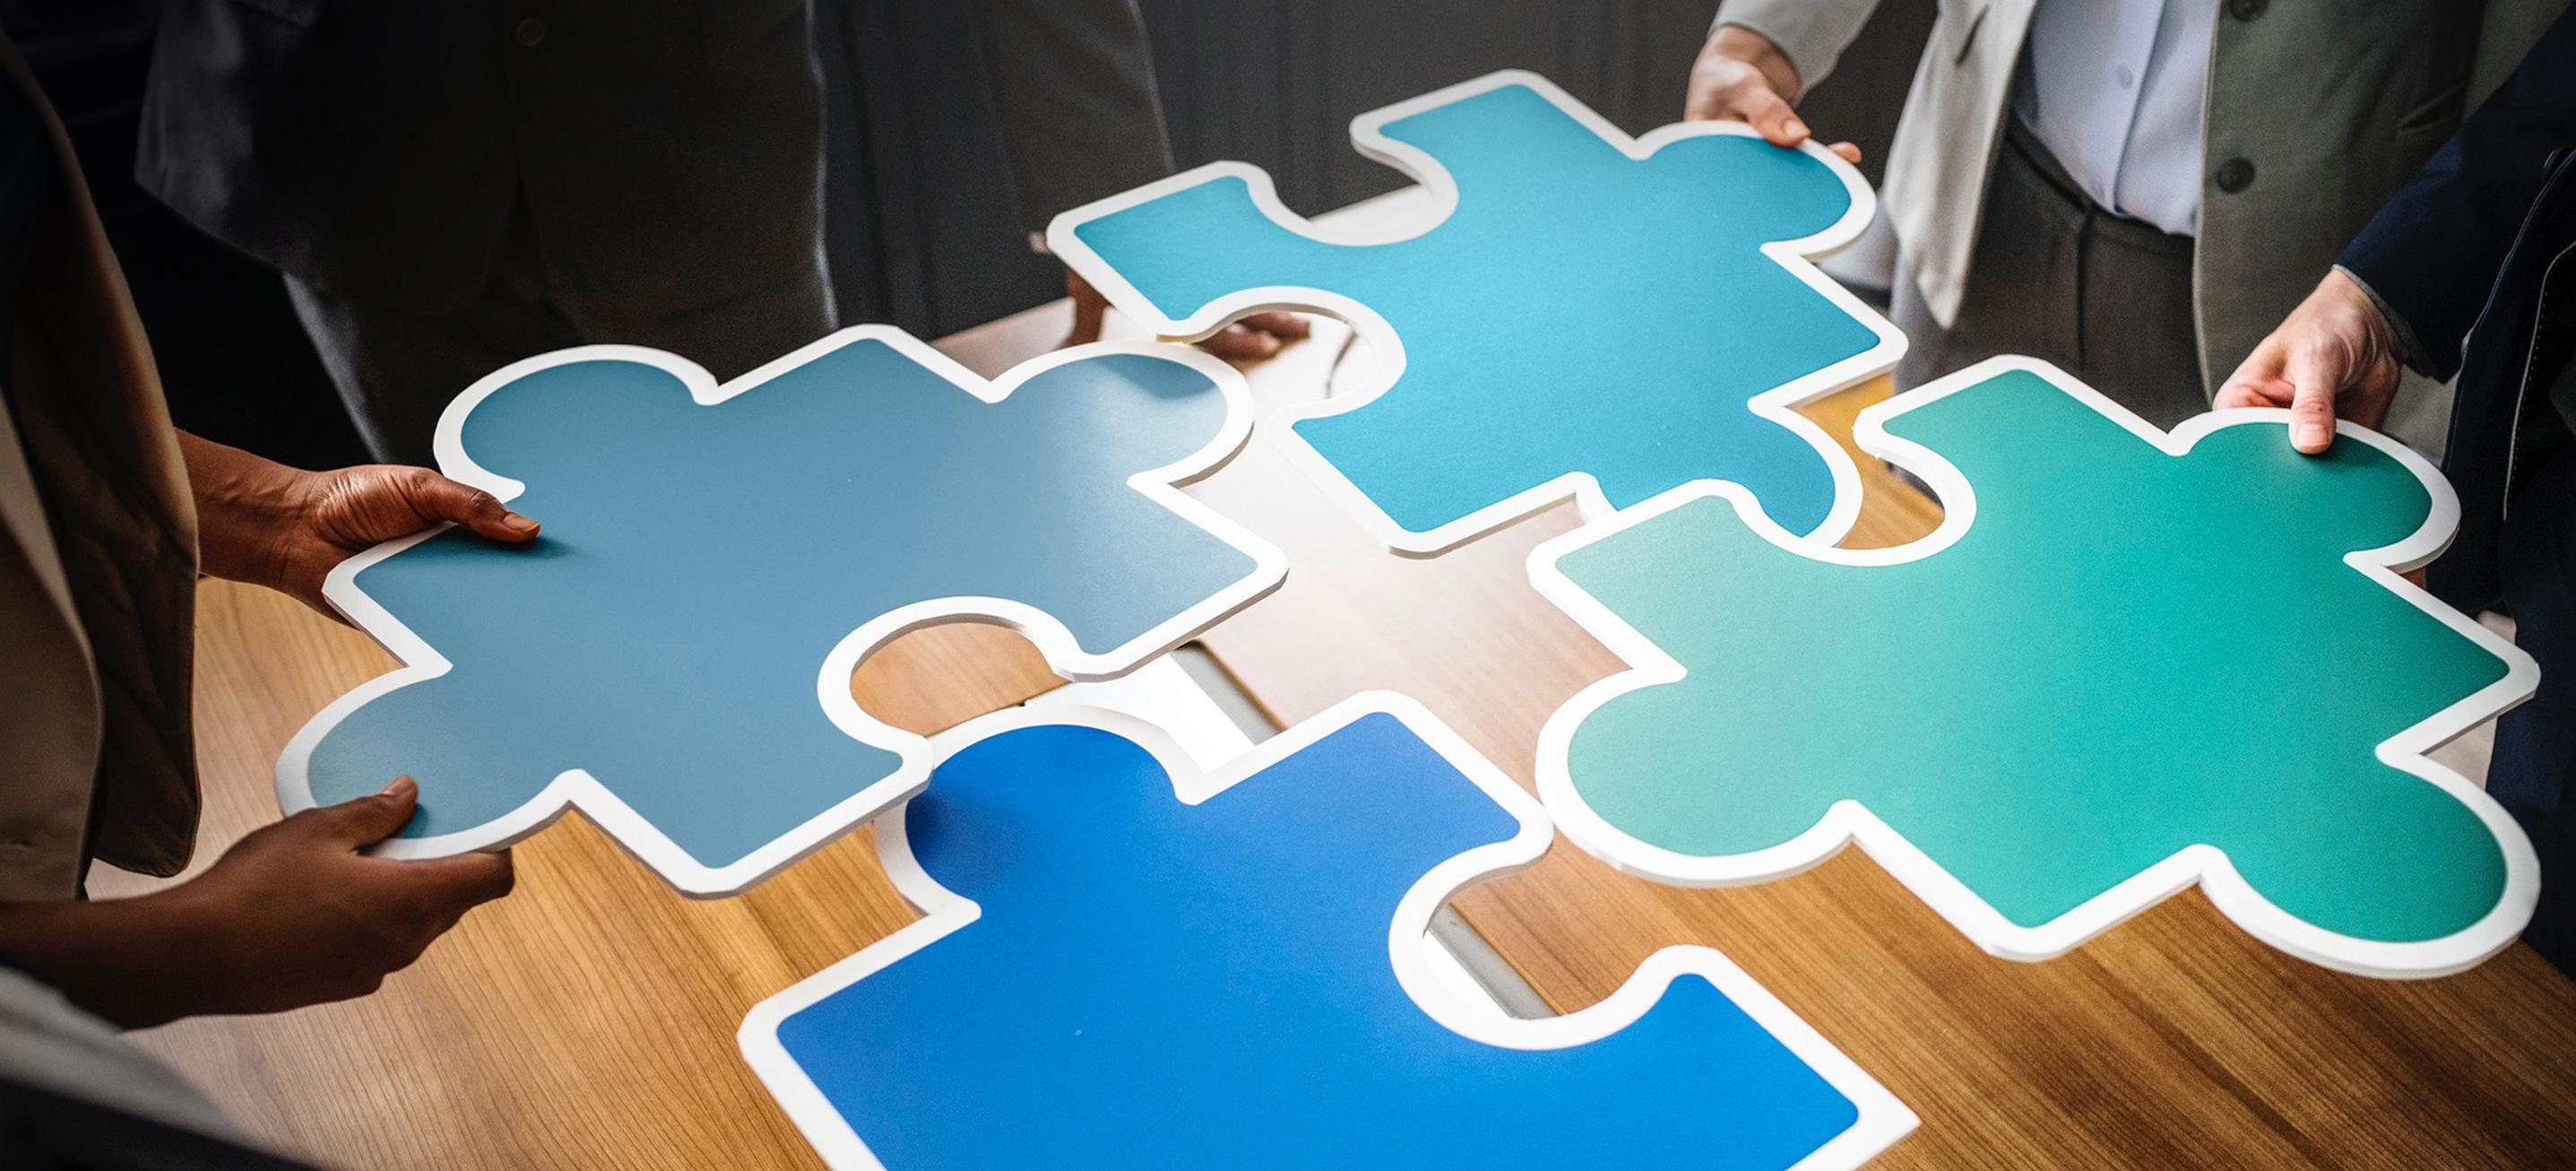 Erfolgreiche Personalberatung Marketing symbolisiert durch strategische Planung